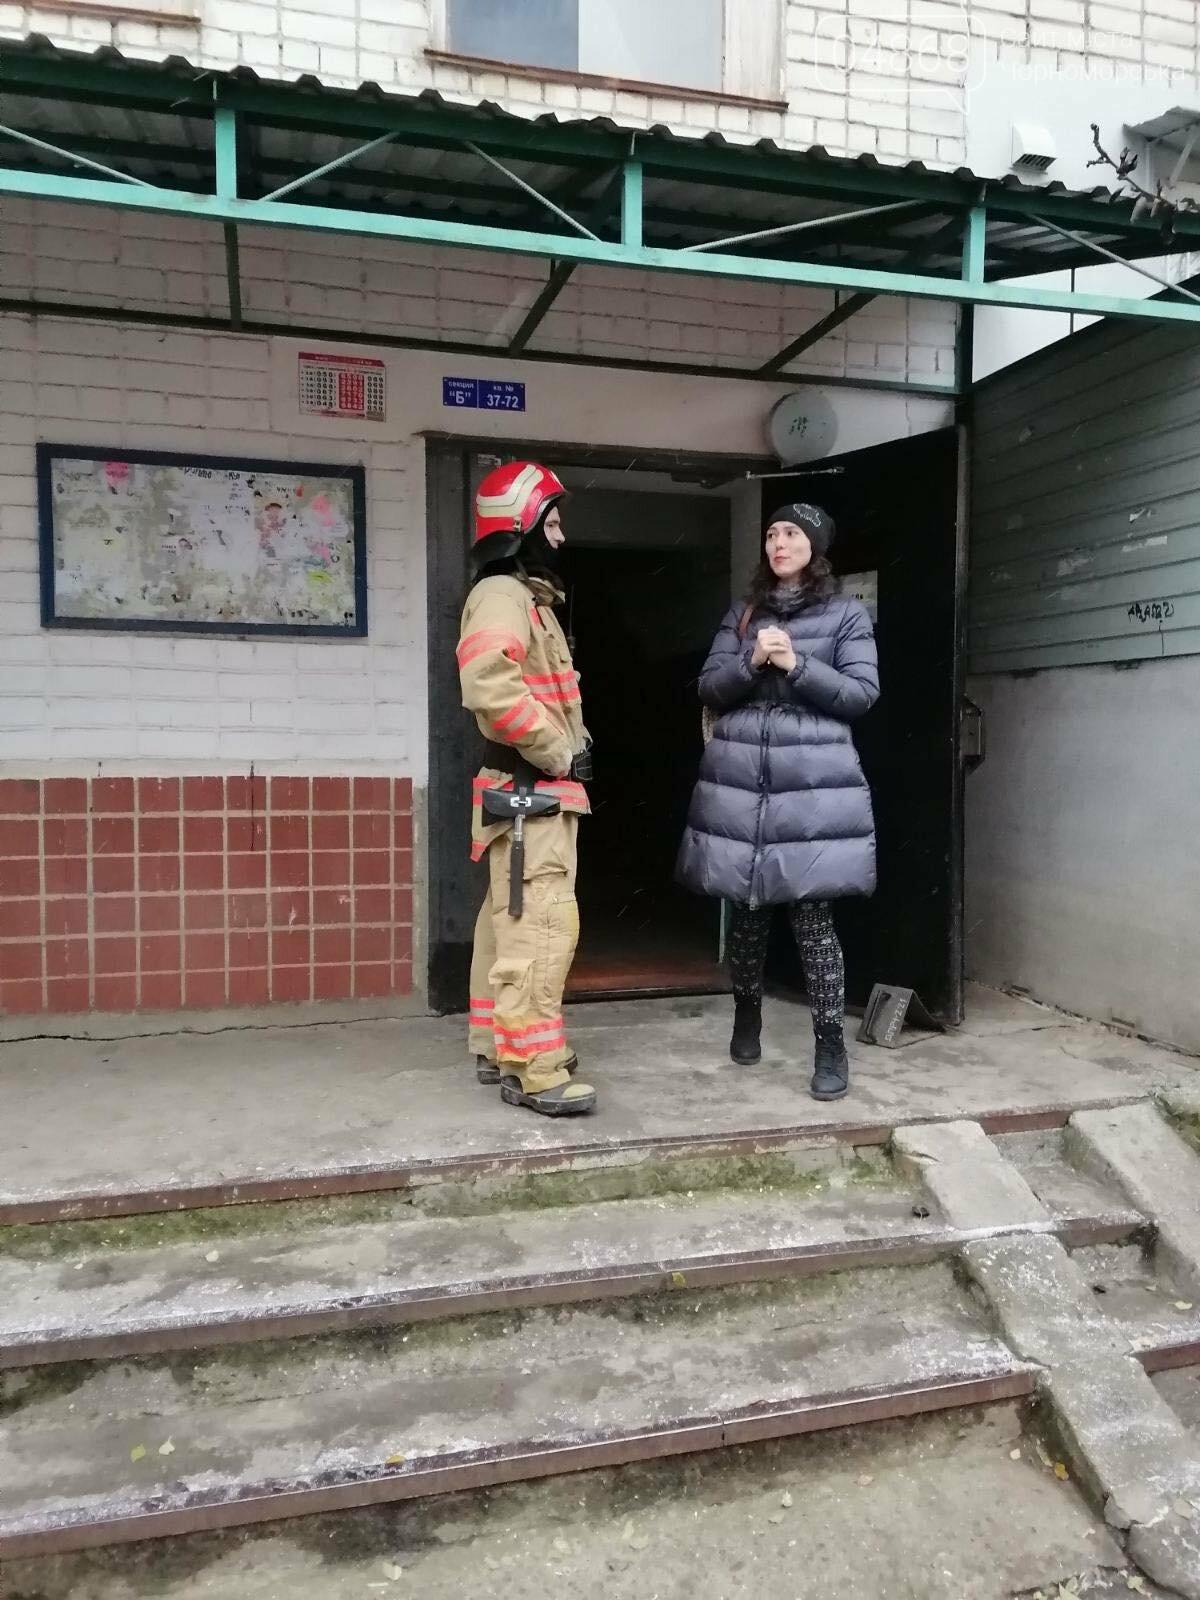 Жильцов одного из домов в Черноморске эвакуировали из-за угрозы взрыва, фото-4